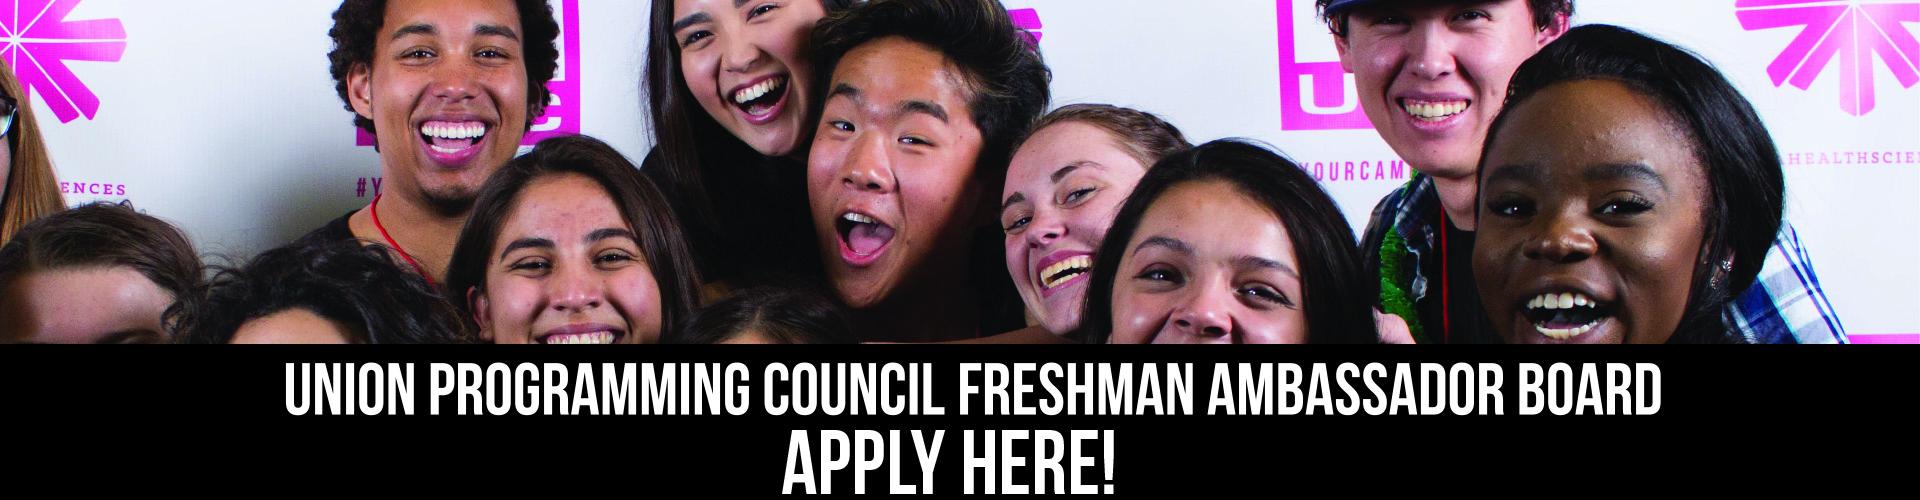 Freshman Ambassador Boards Applications